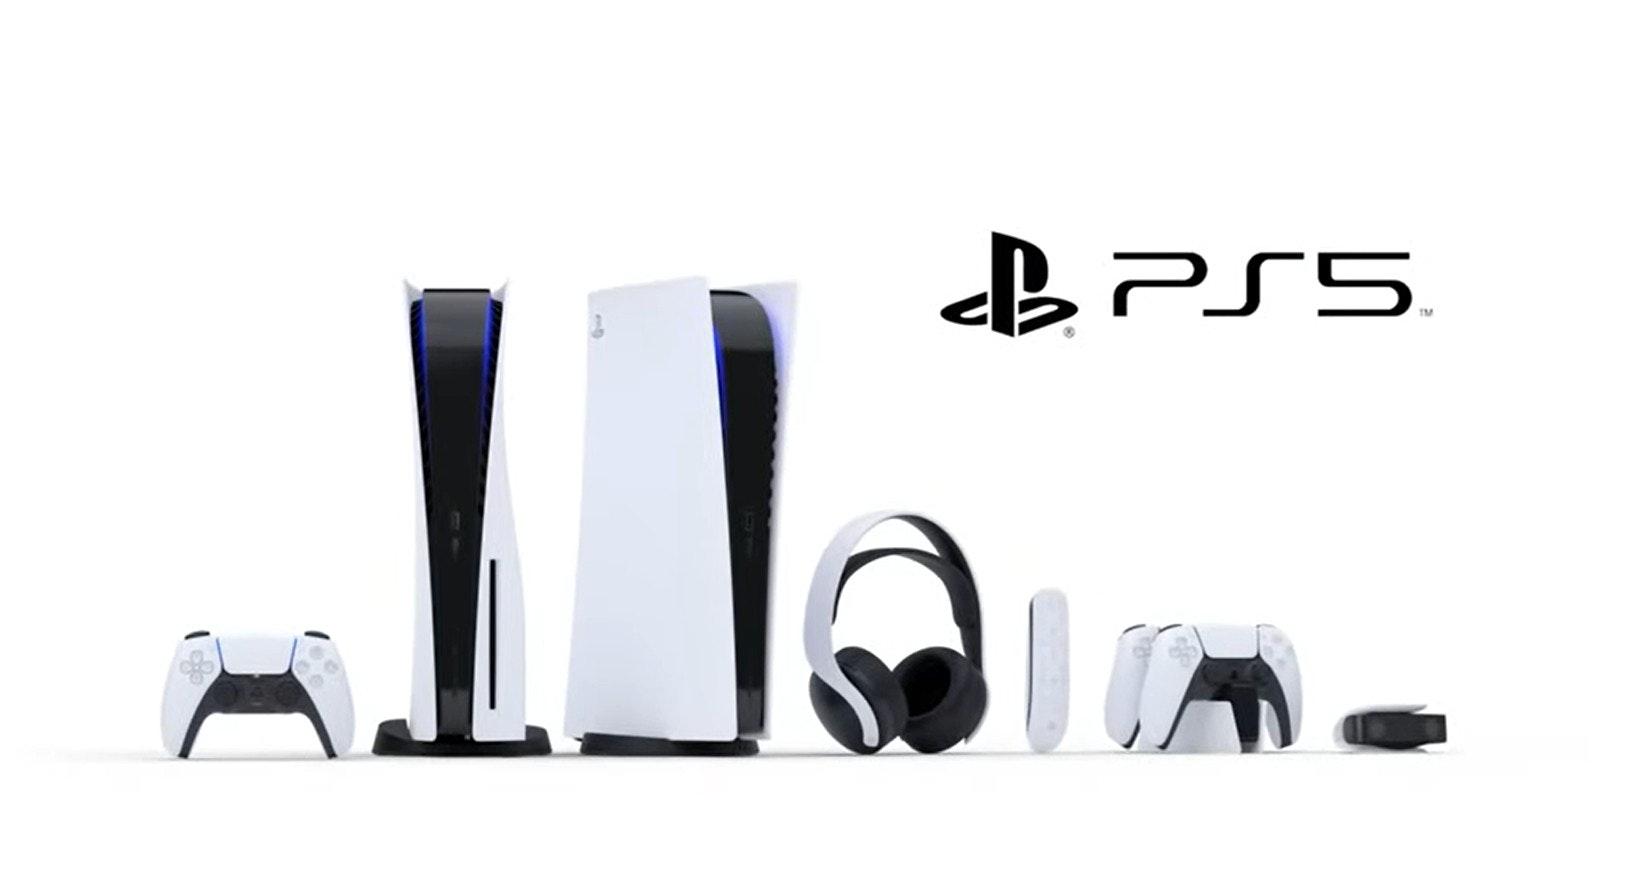 照片中提到了BPS5、TM,跟的PlayStation有關,包含了的PlayStation、產品設計、音響器材、牌、產品